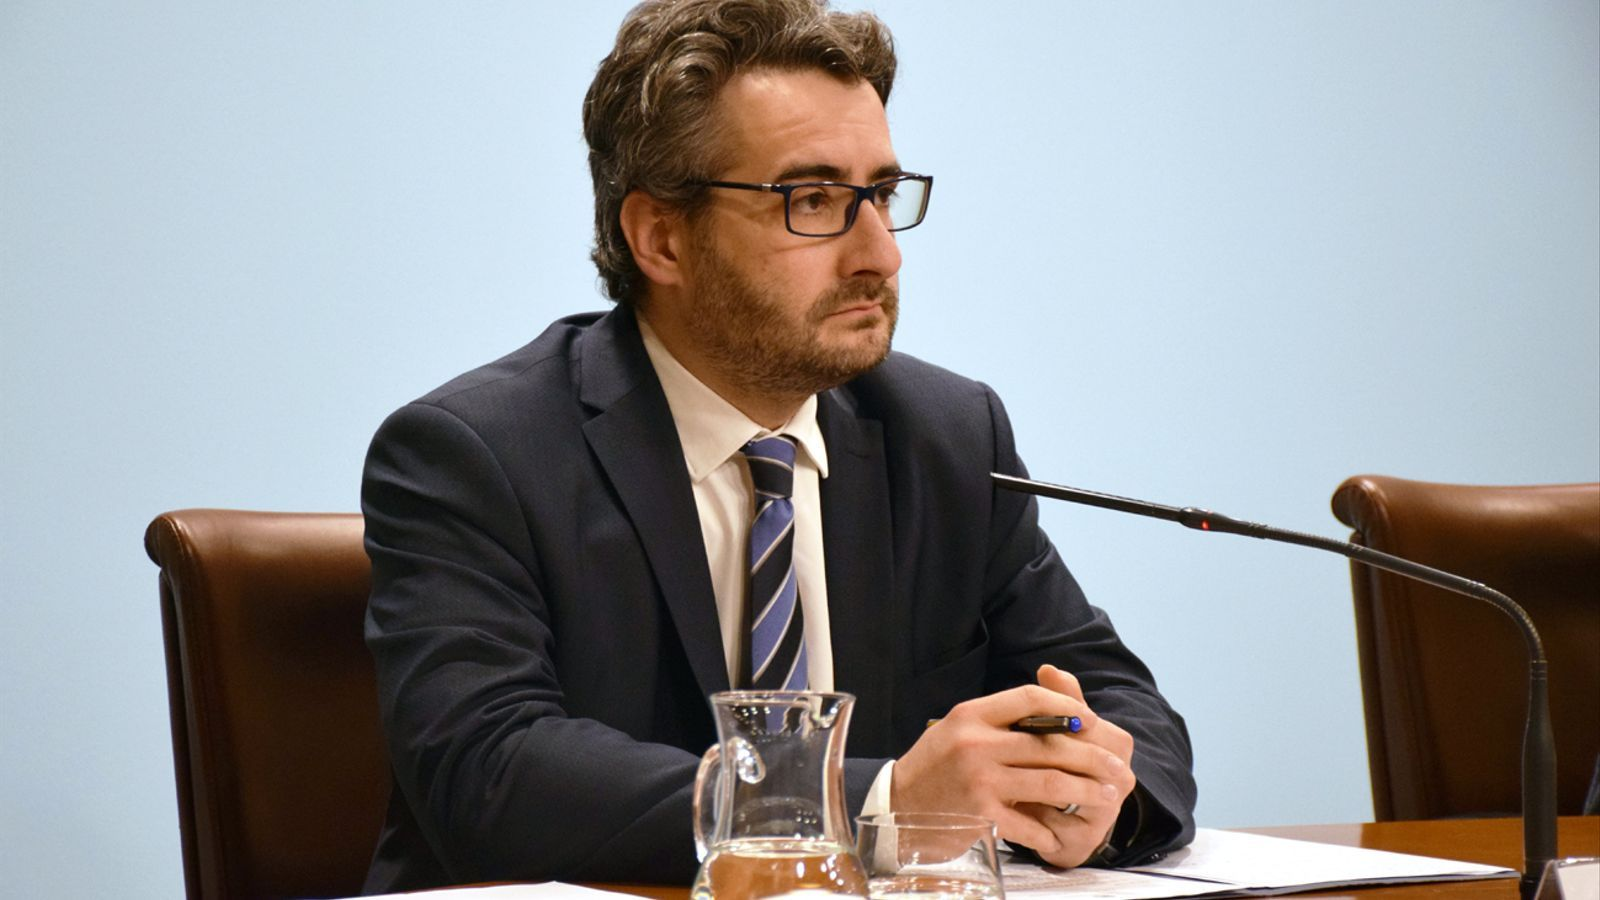 El ministre portaveu, Eric Jover, a la roda de premsa posterior al consell de ministres. / T. N. (ANA)